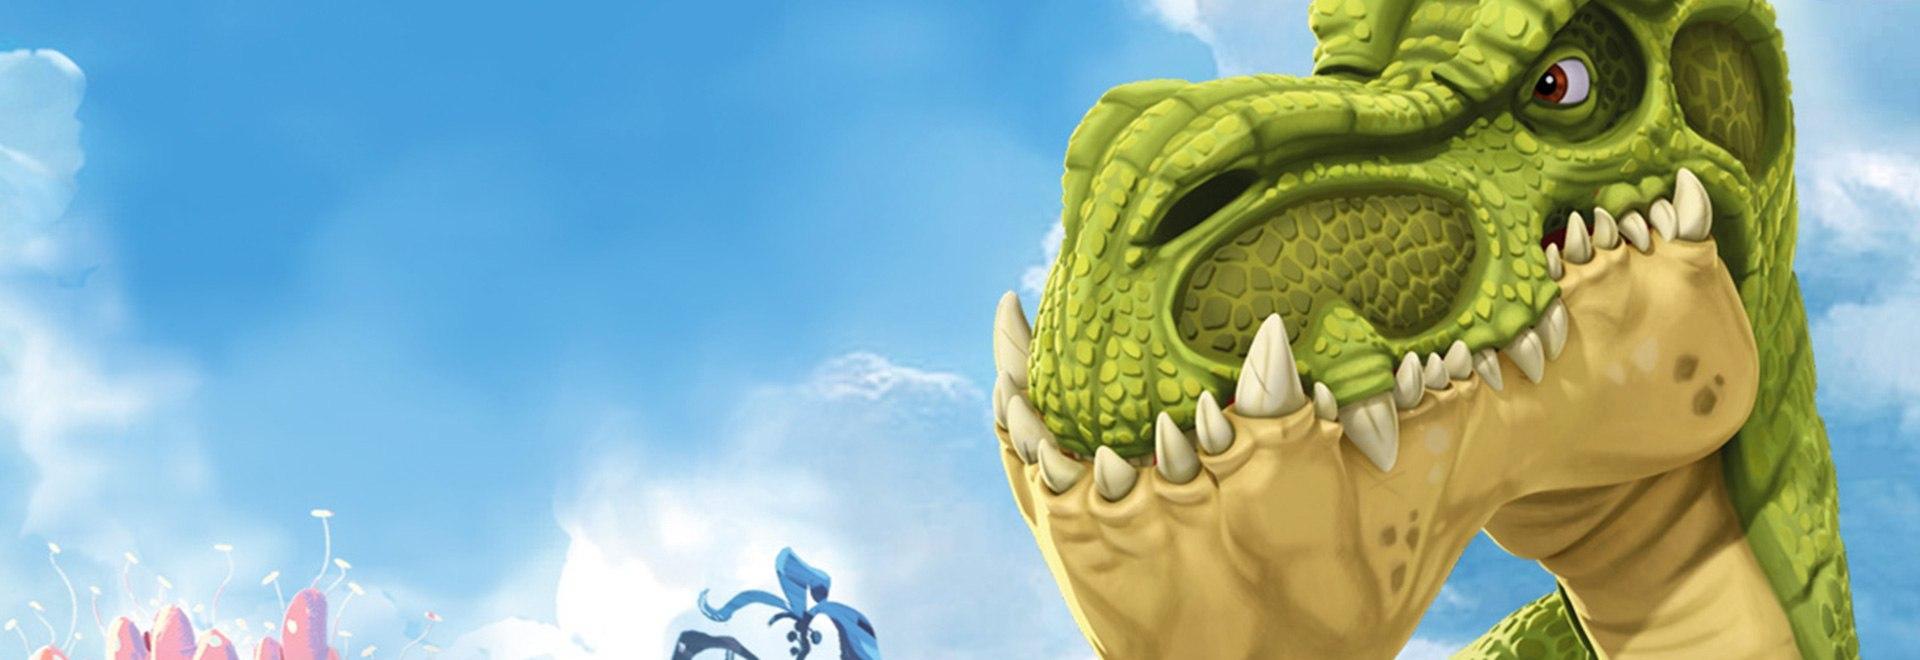 Evviva i Triceratopi